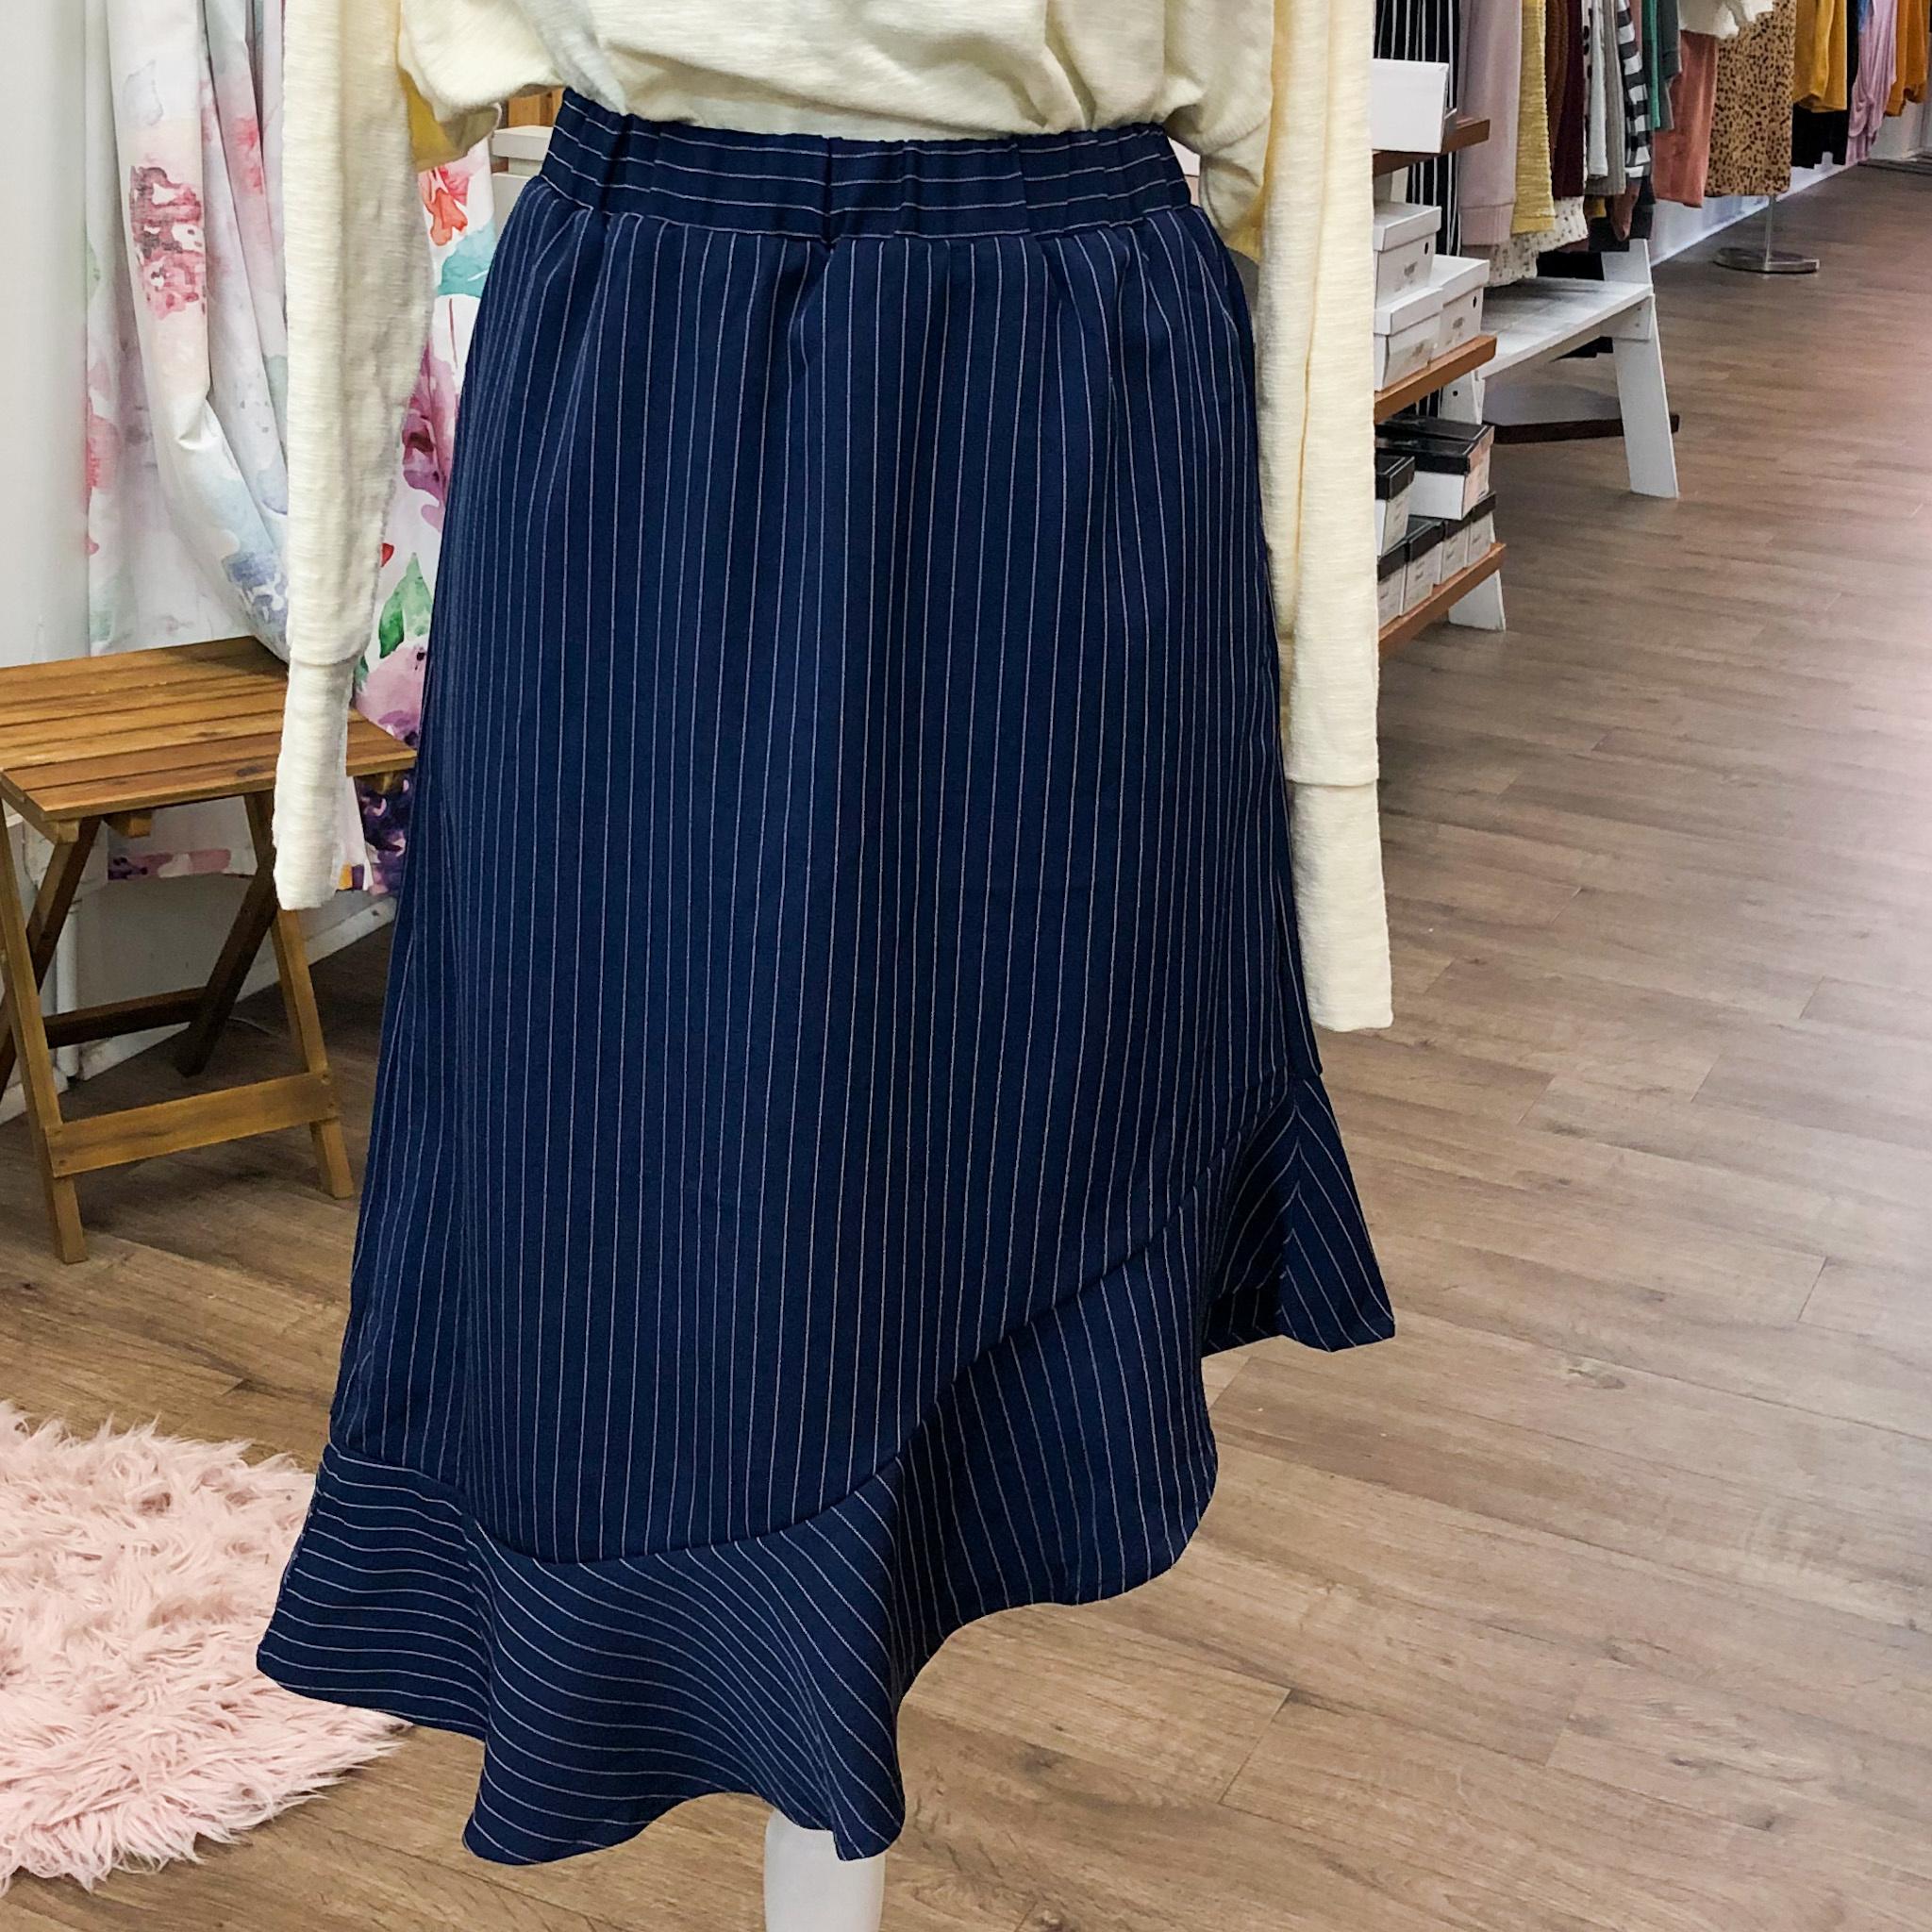 Getting Sideways Skirt